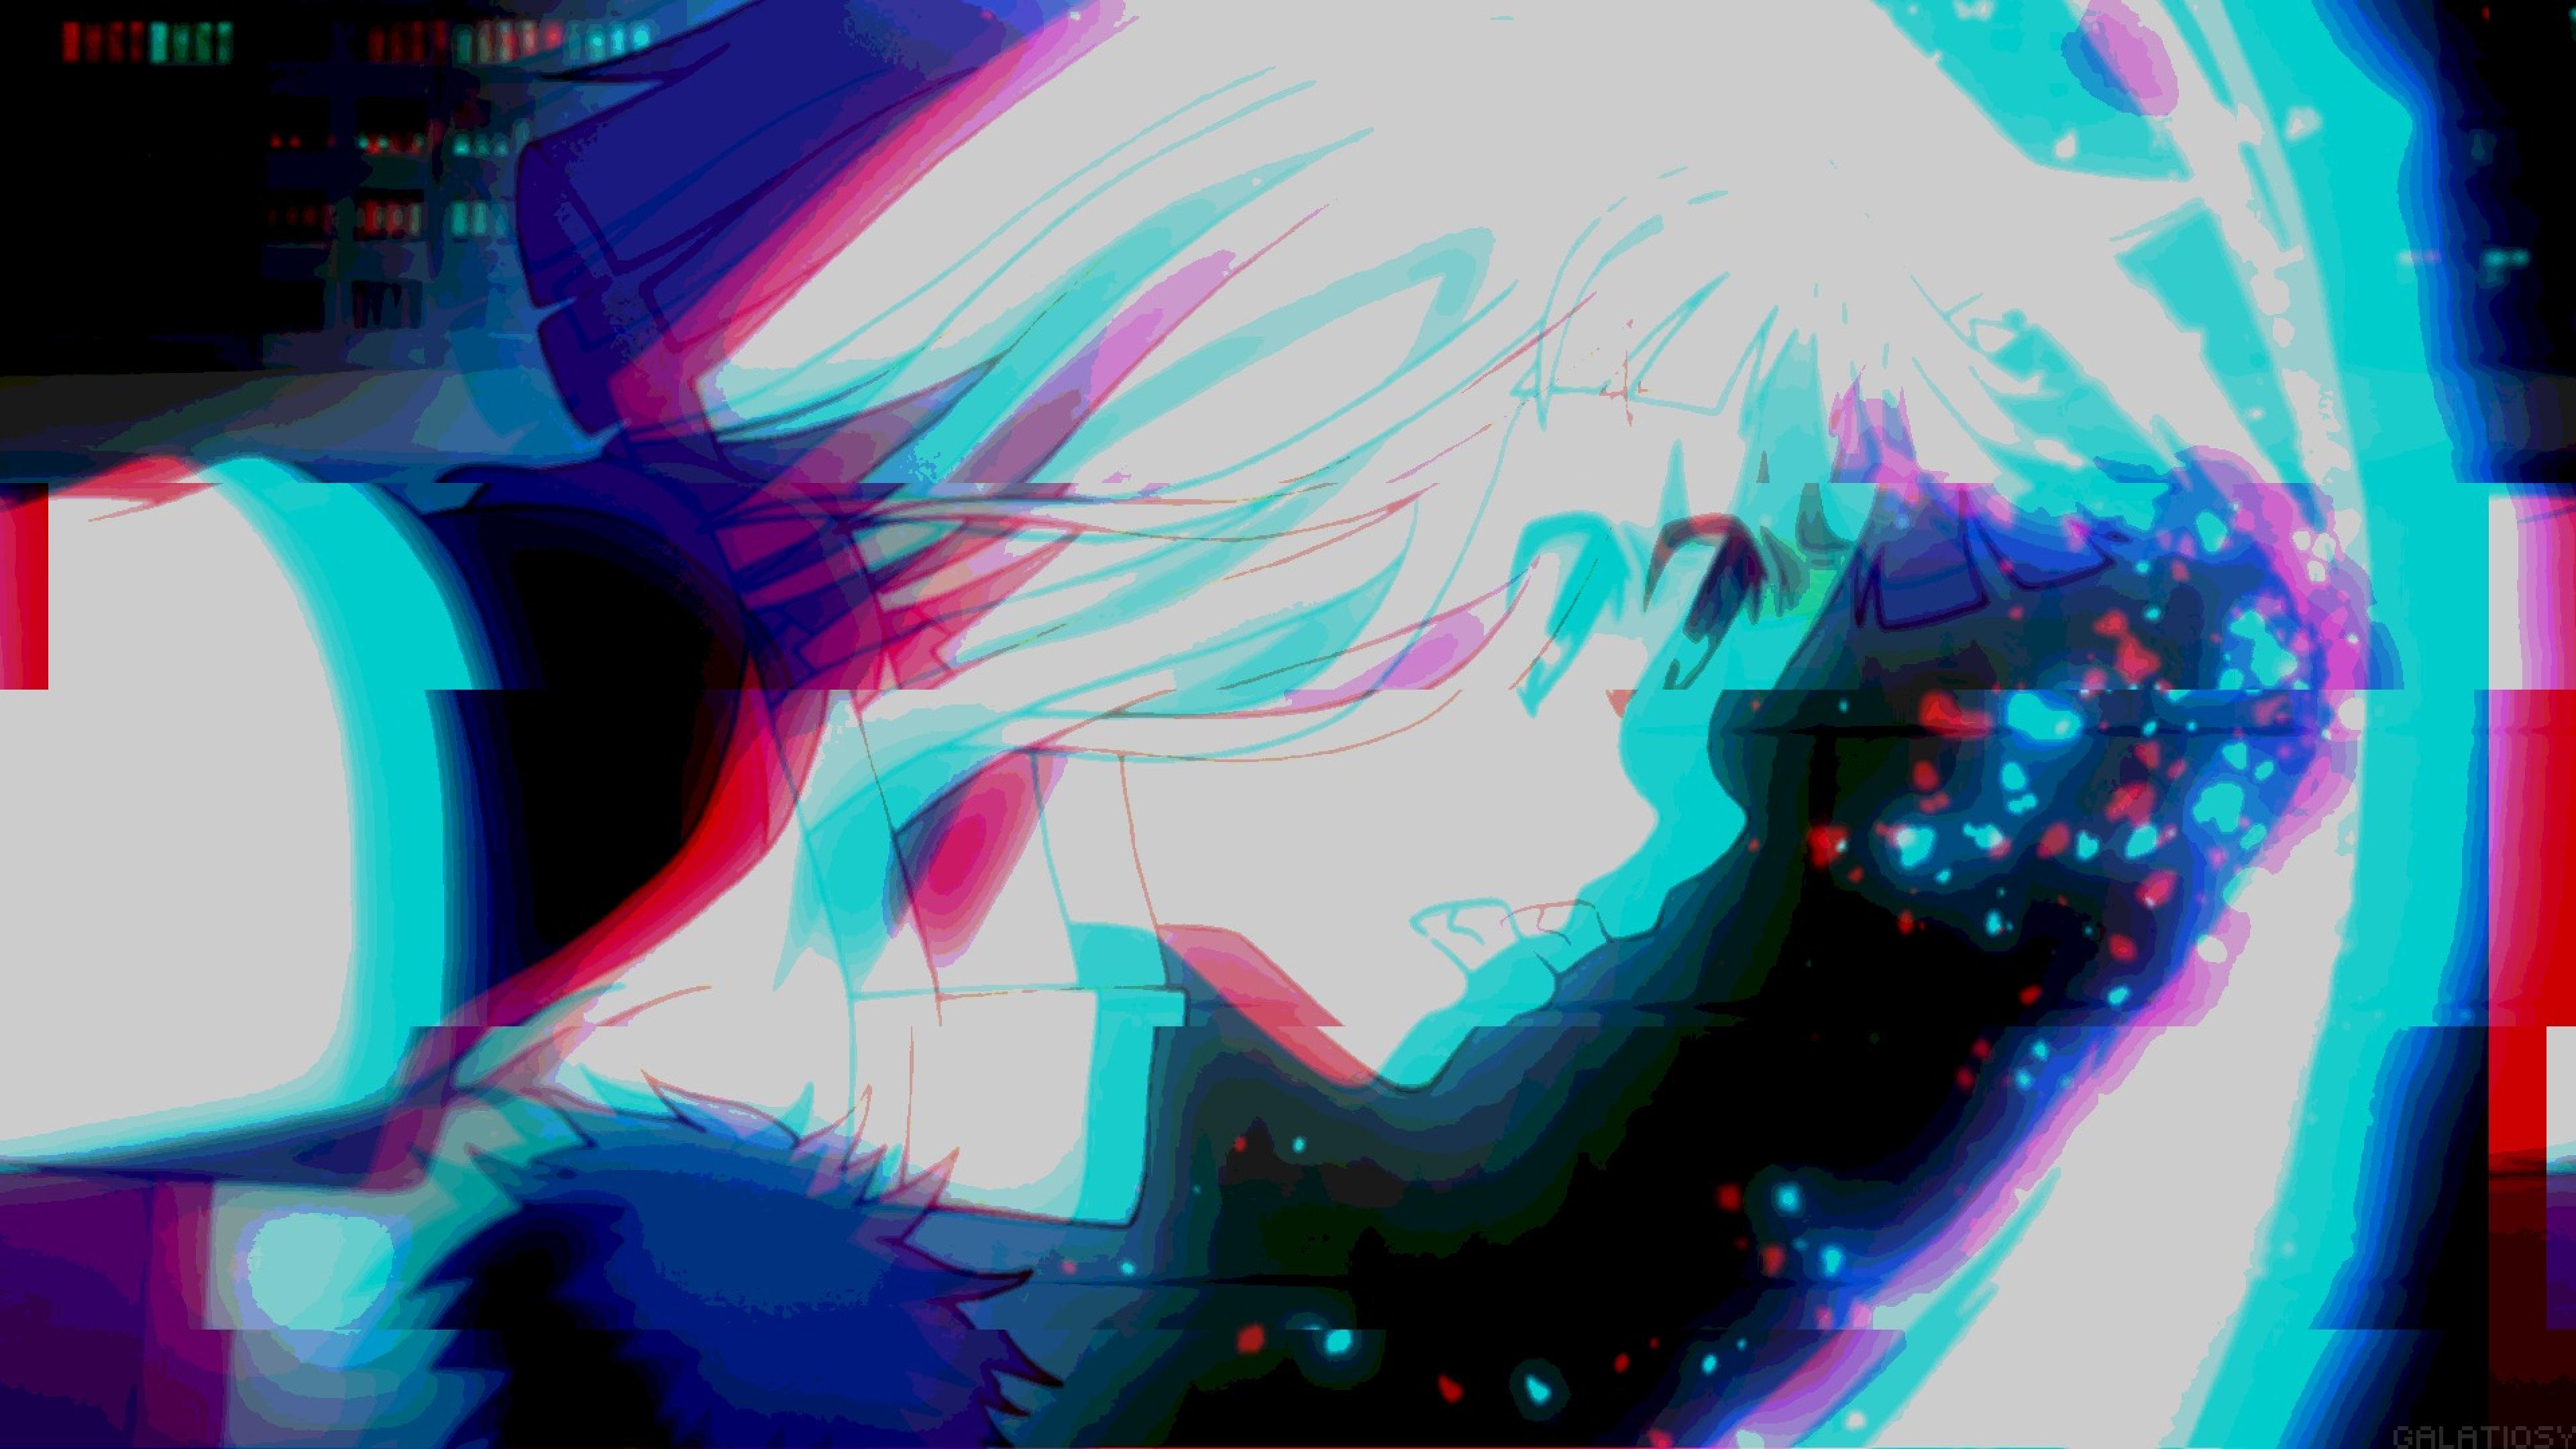 Anime Wallpaper 4k Aesthetic - Bakaninime